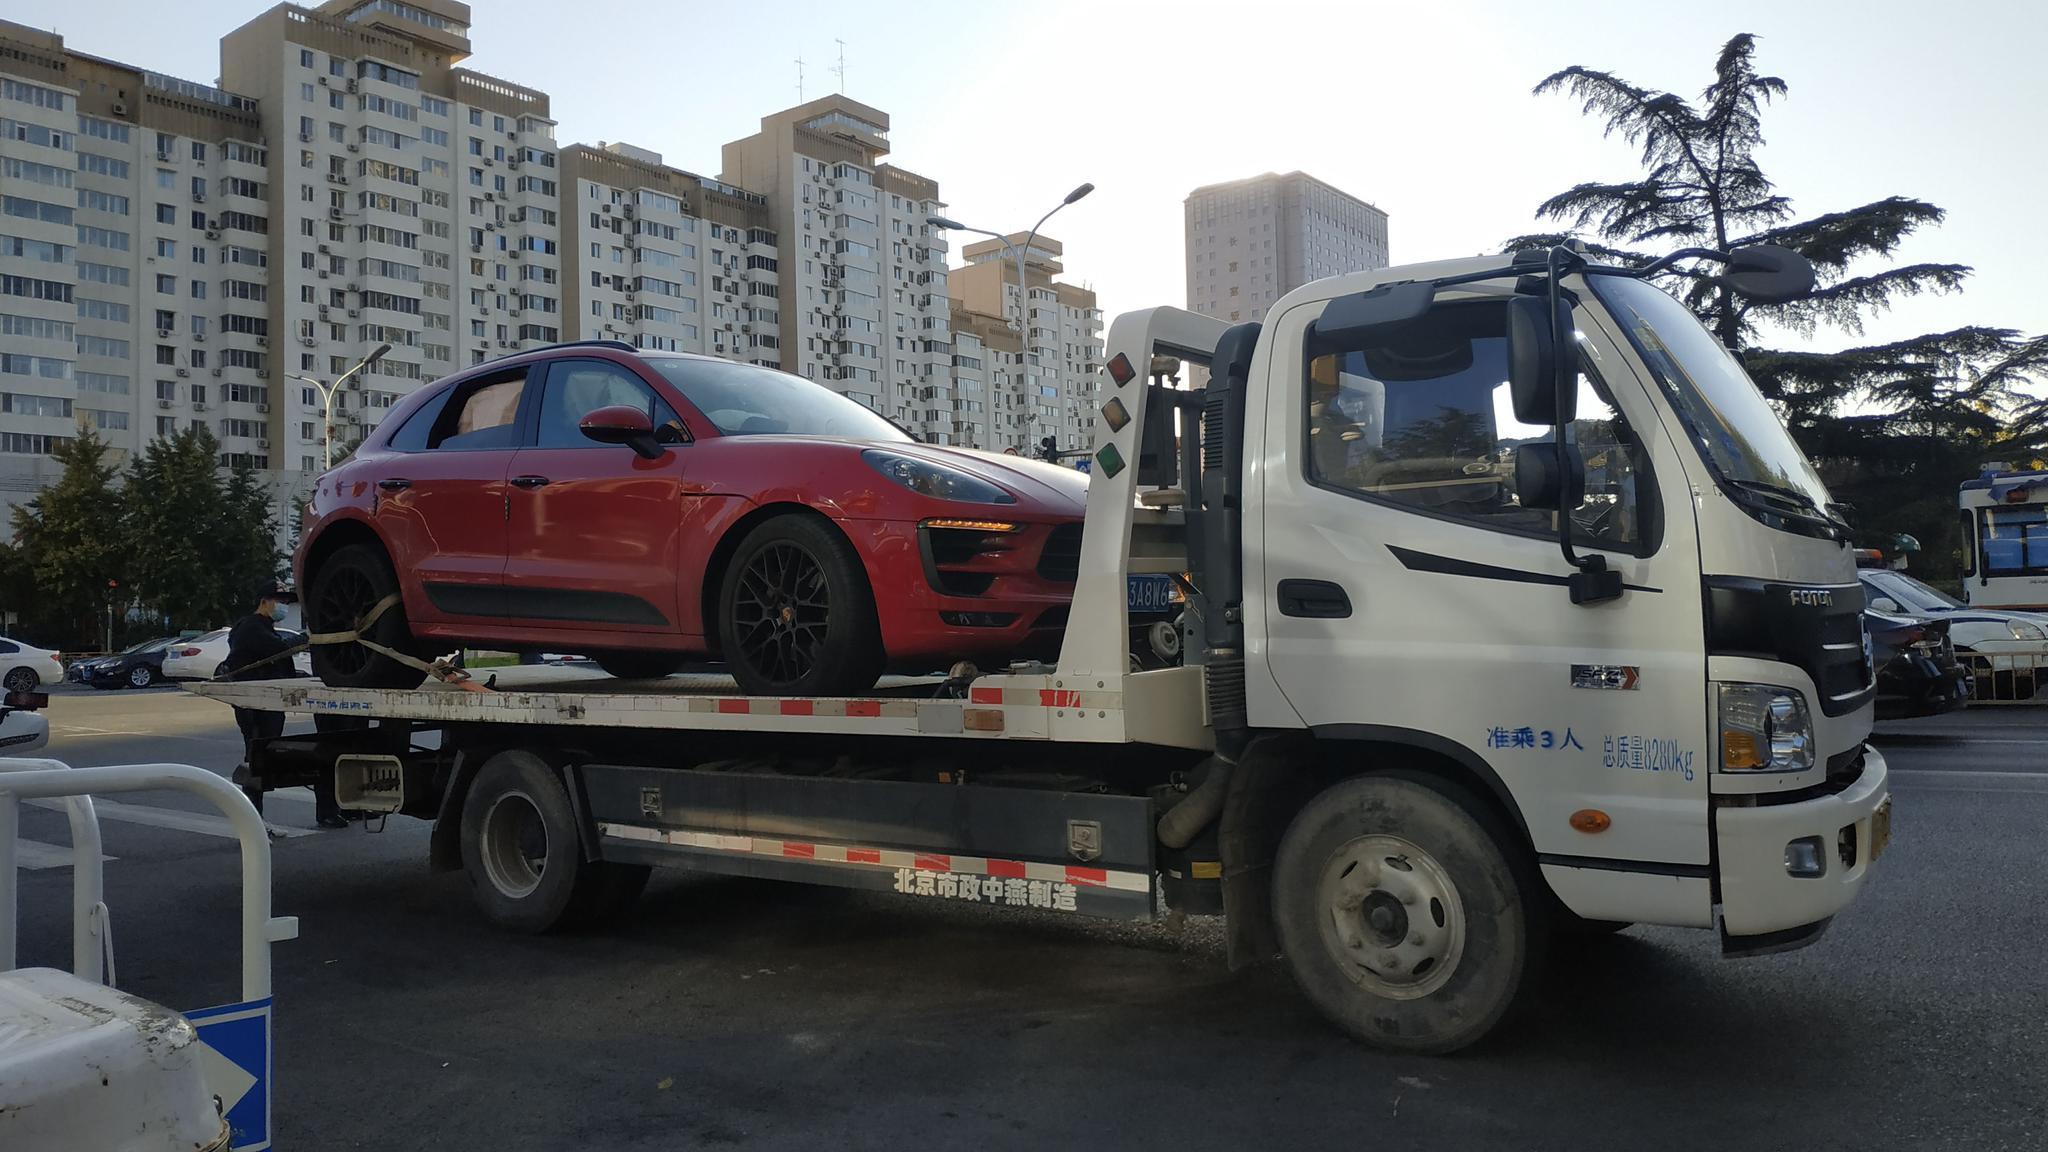 涉事车辆被拖车拖走。新京报记者 刘名洋 摄